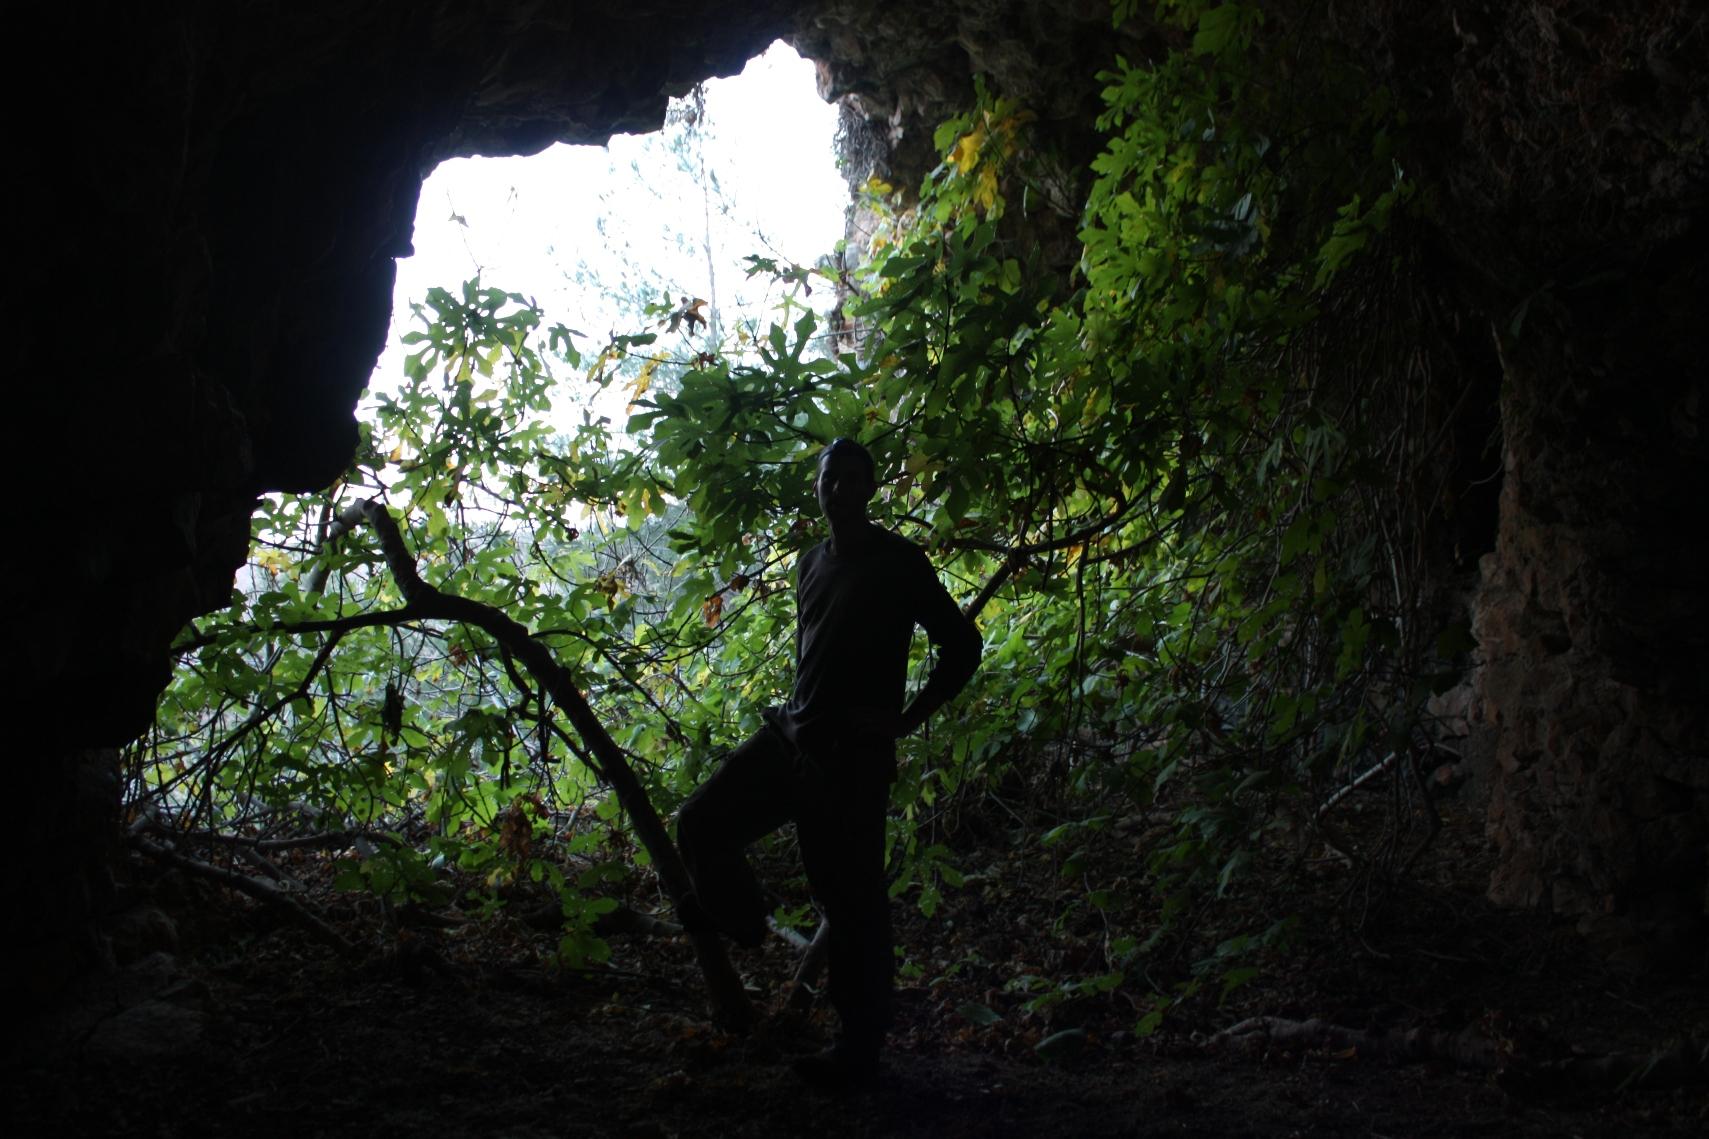 פתחה העליון של המערה - מבט מבפנים